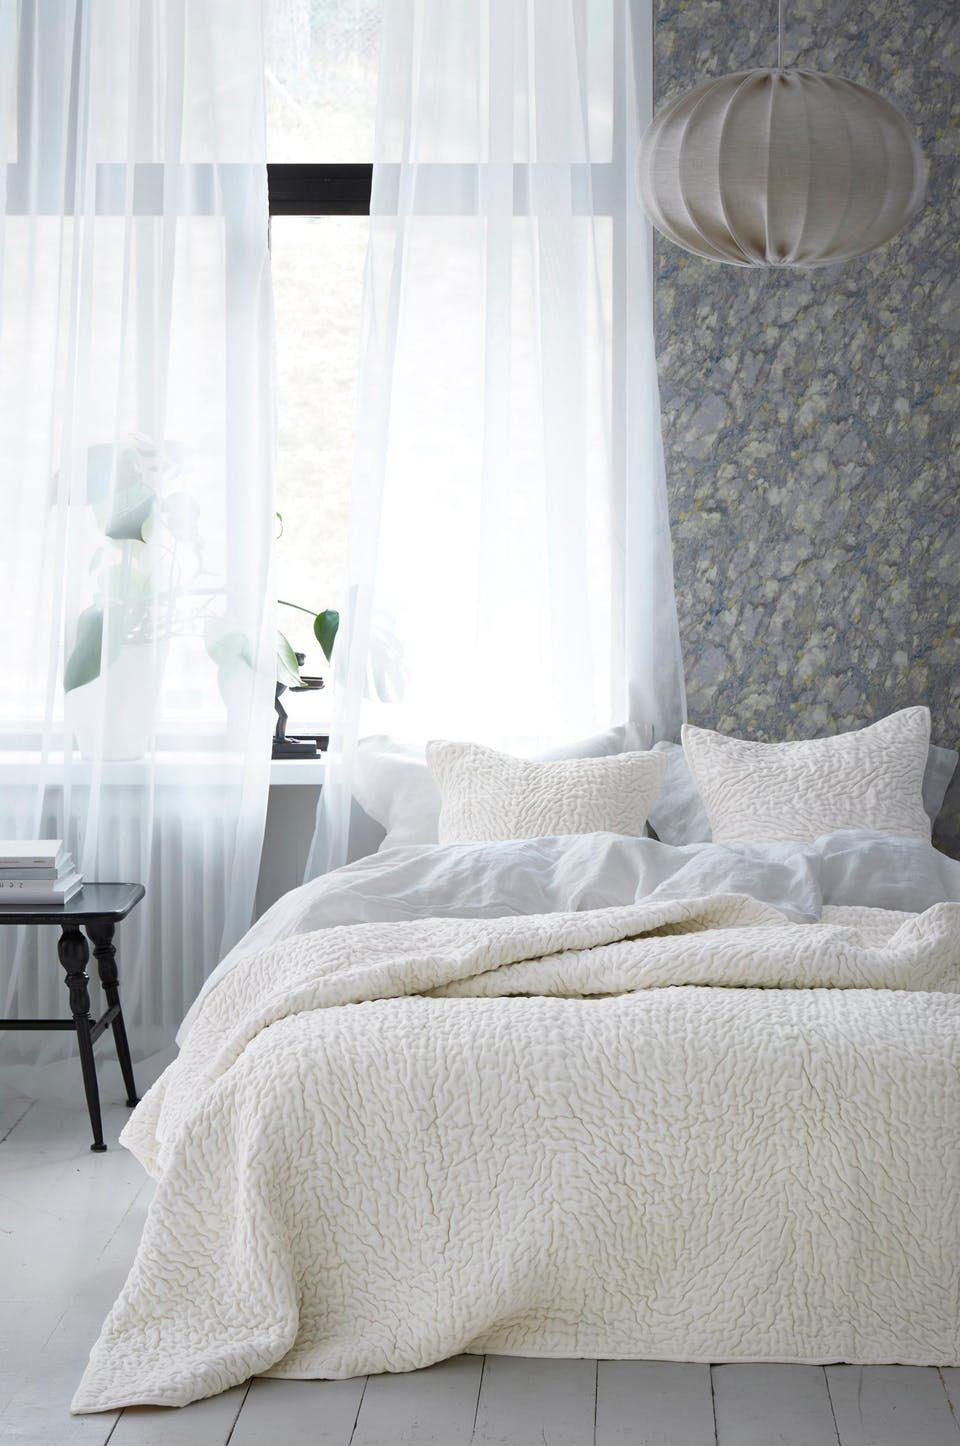 Best Bedroom Wall Color Trends | DIY, Home Improvement | Pinterest ...